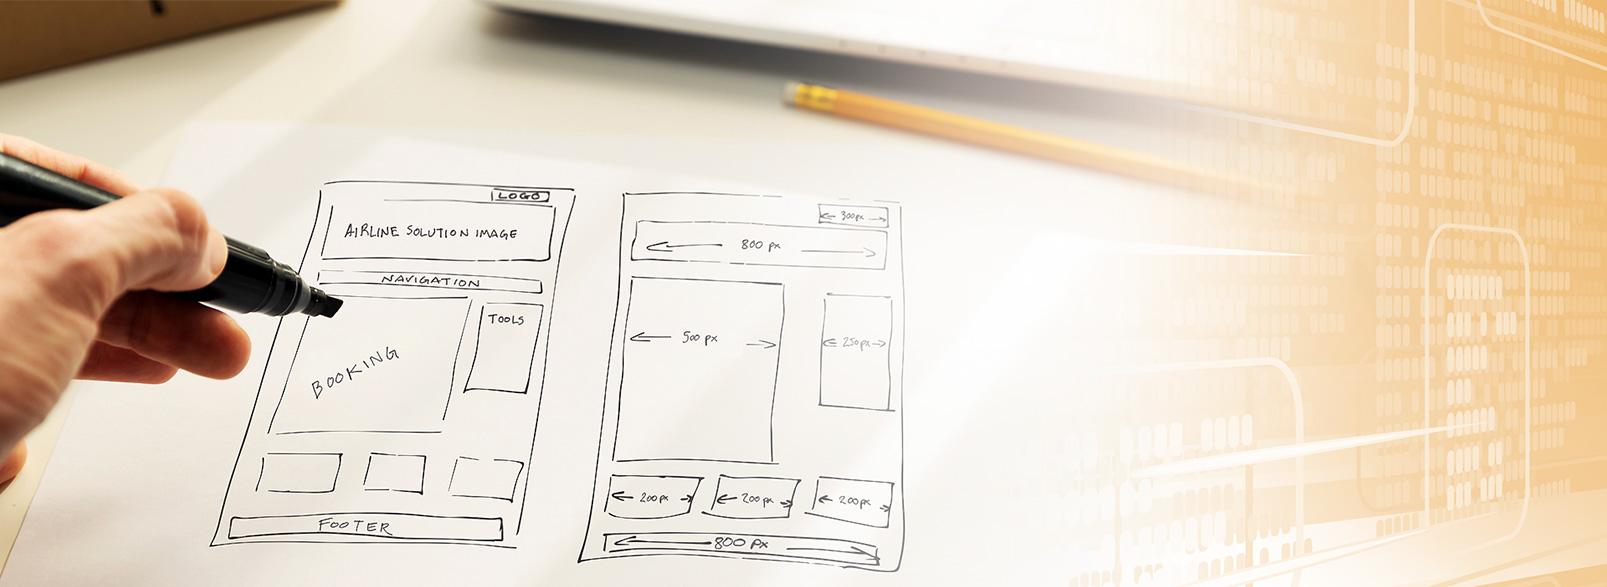 یعنی قراردادن محتوای سایت به شکل مناسب برای همه کاربران  در دستگاه های مختلف